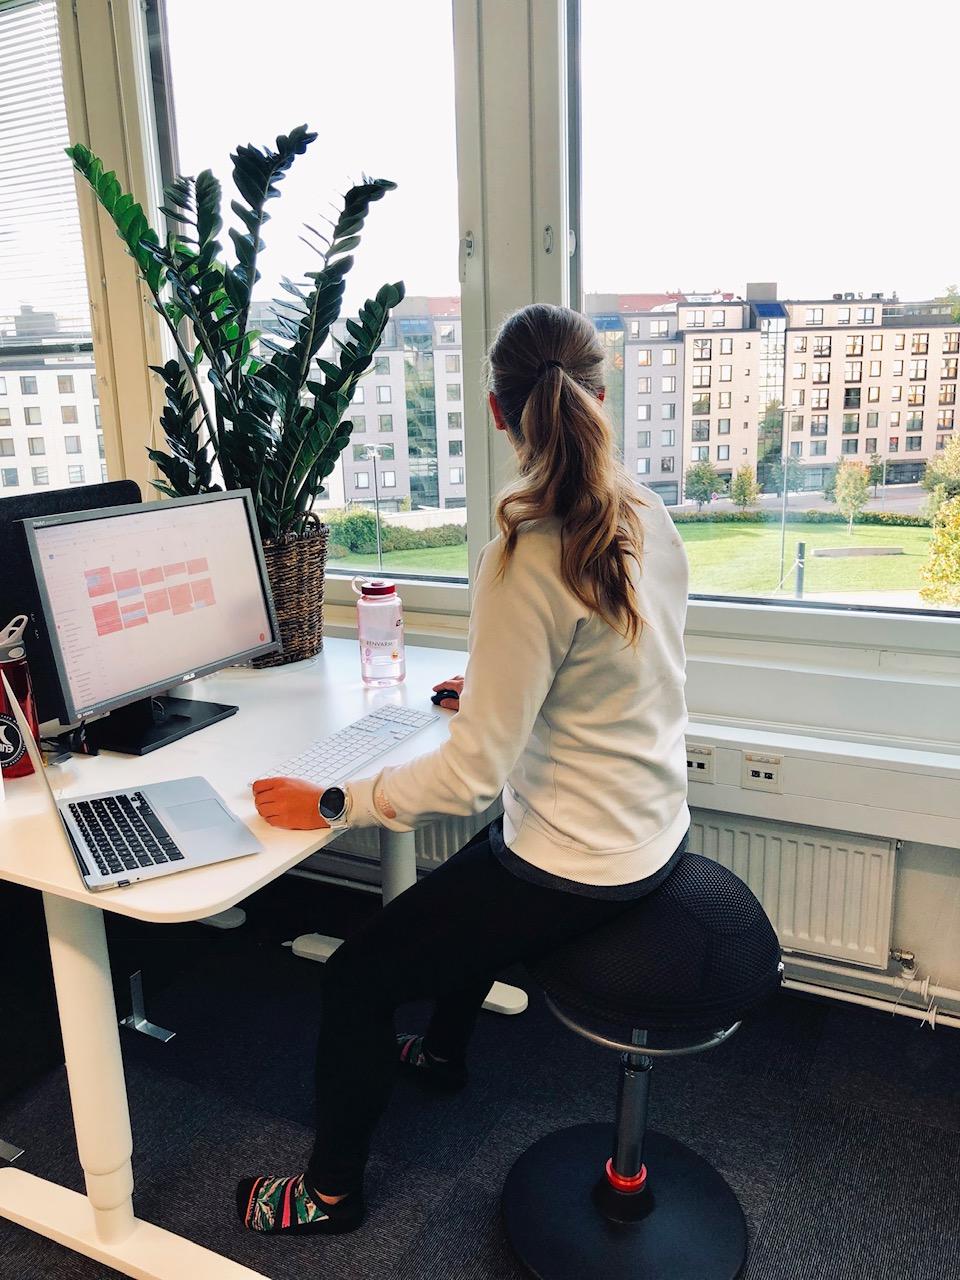 Jumbba-tasapainotuoli Suomen Satulatuolikeskukselta